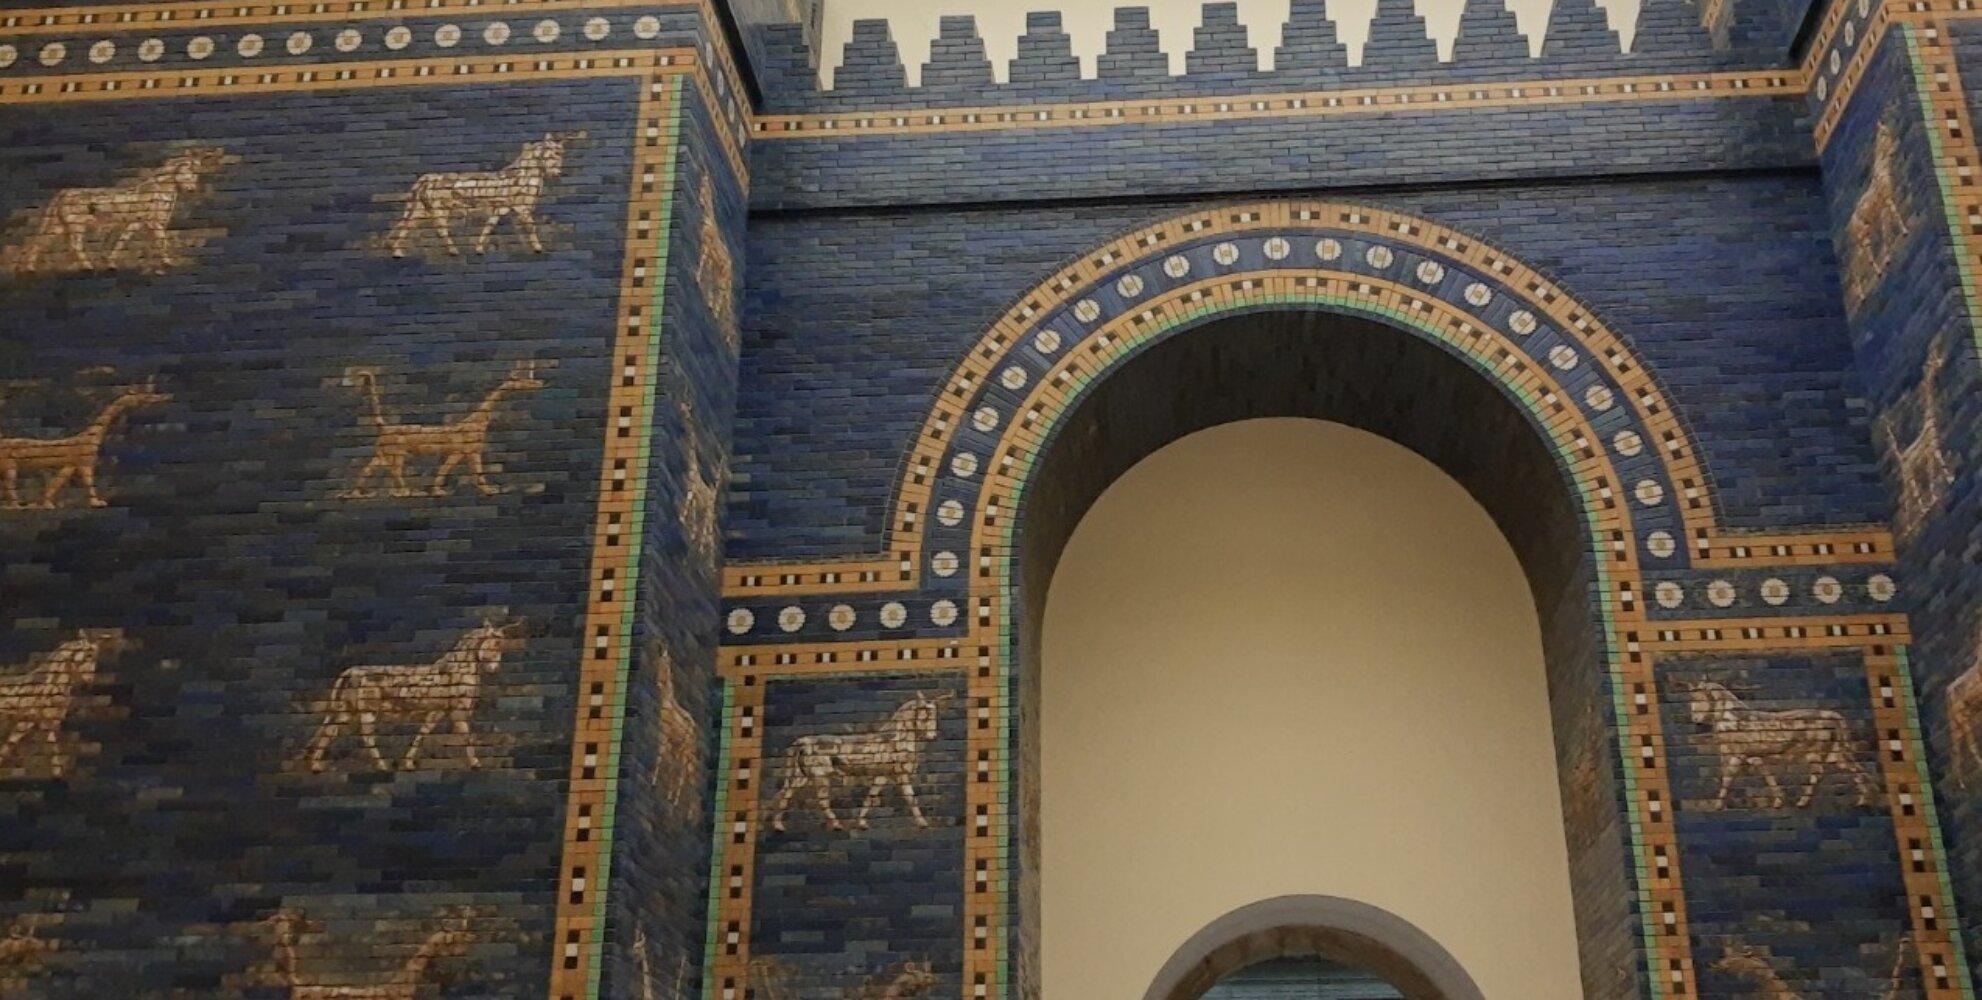 Prozessionsstraße von Babylon (Rekonstruktion errichtet zur Zeit Nebukadnezars II 604-562 v Chr. Farbige Glasurziegel. Die Prozessionsstraße von Babylon diente nicht nur als Zugang zur Stadt Babylon, sondern auch  als kultischer Weg und endete an der Euphratbrücke. Die farbigen Löwenreliefs sind der Göttin Ischtar geweiht.